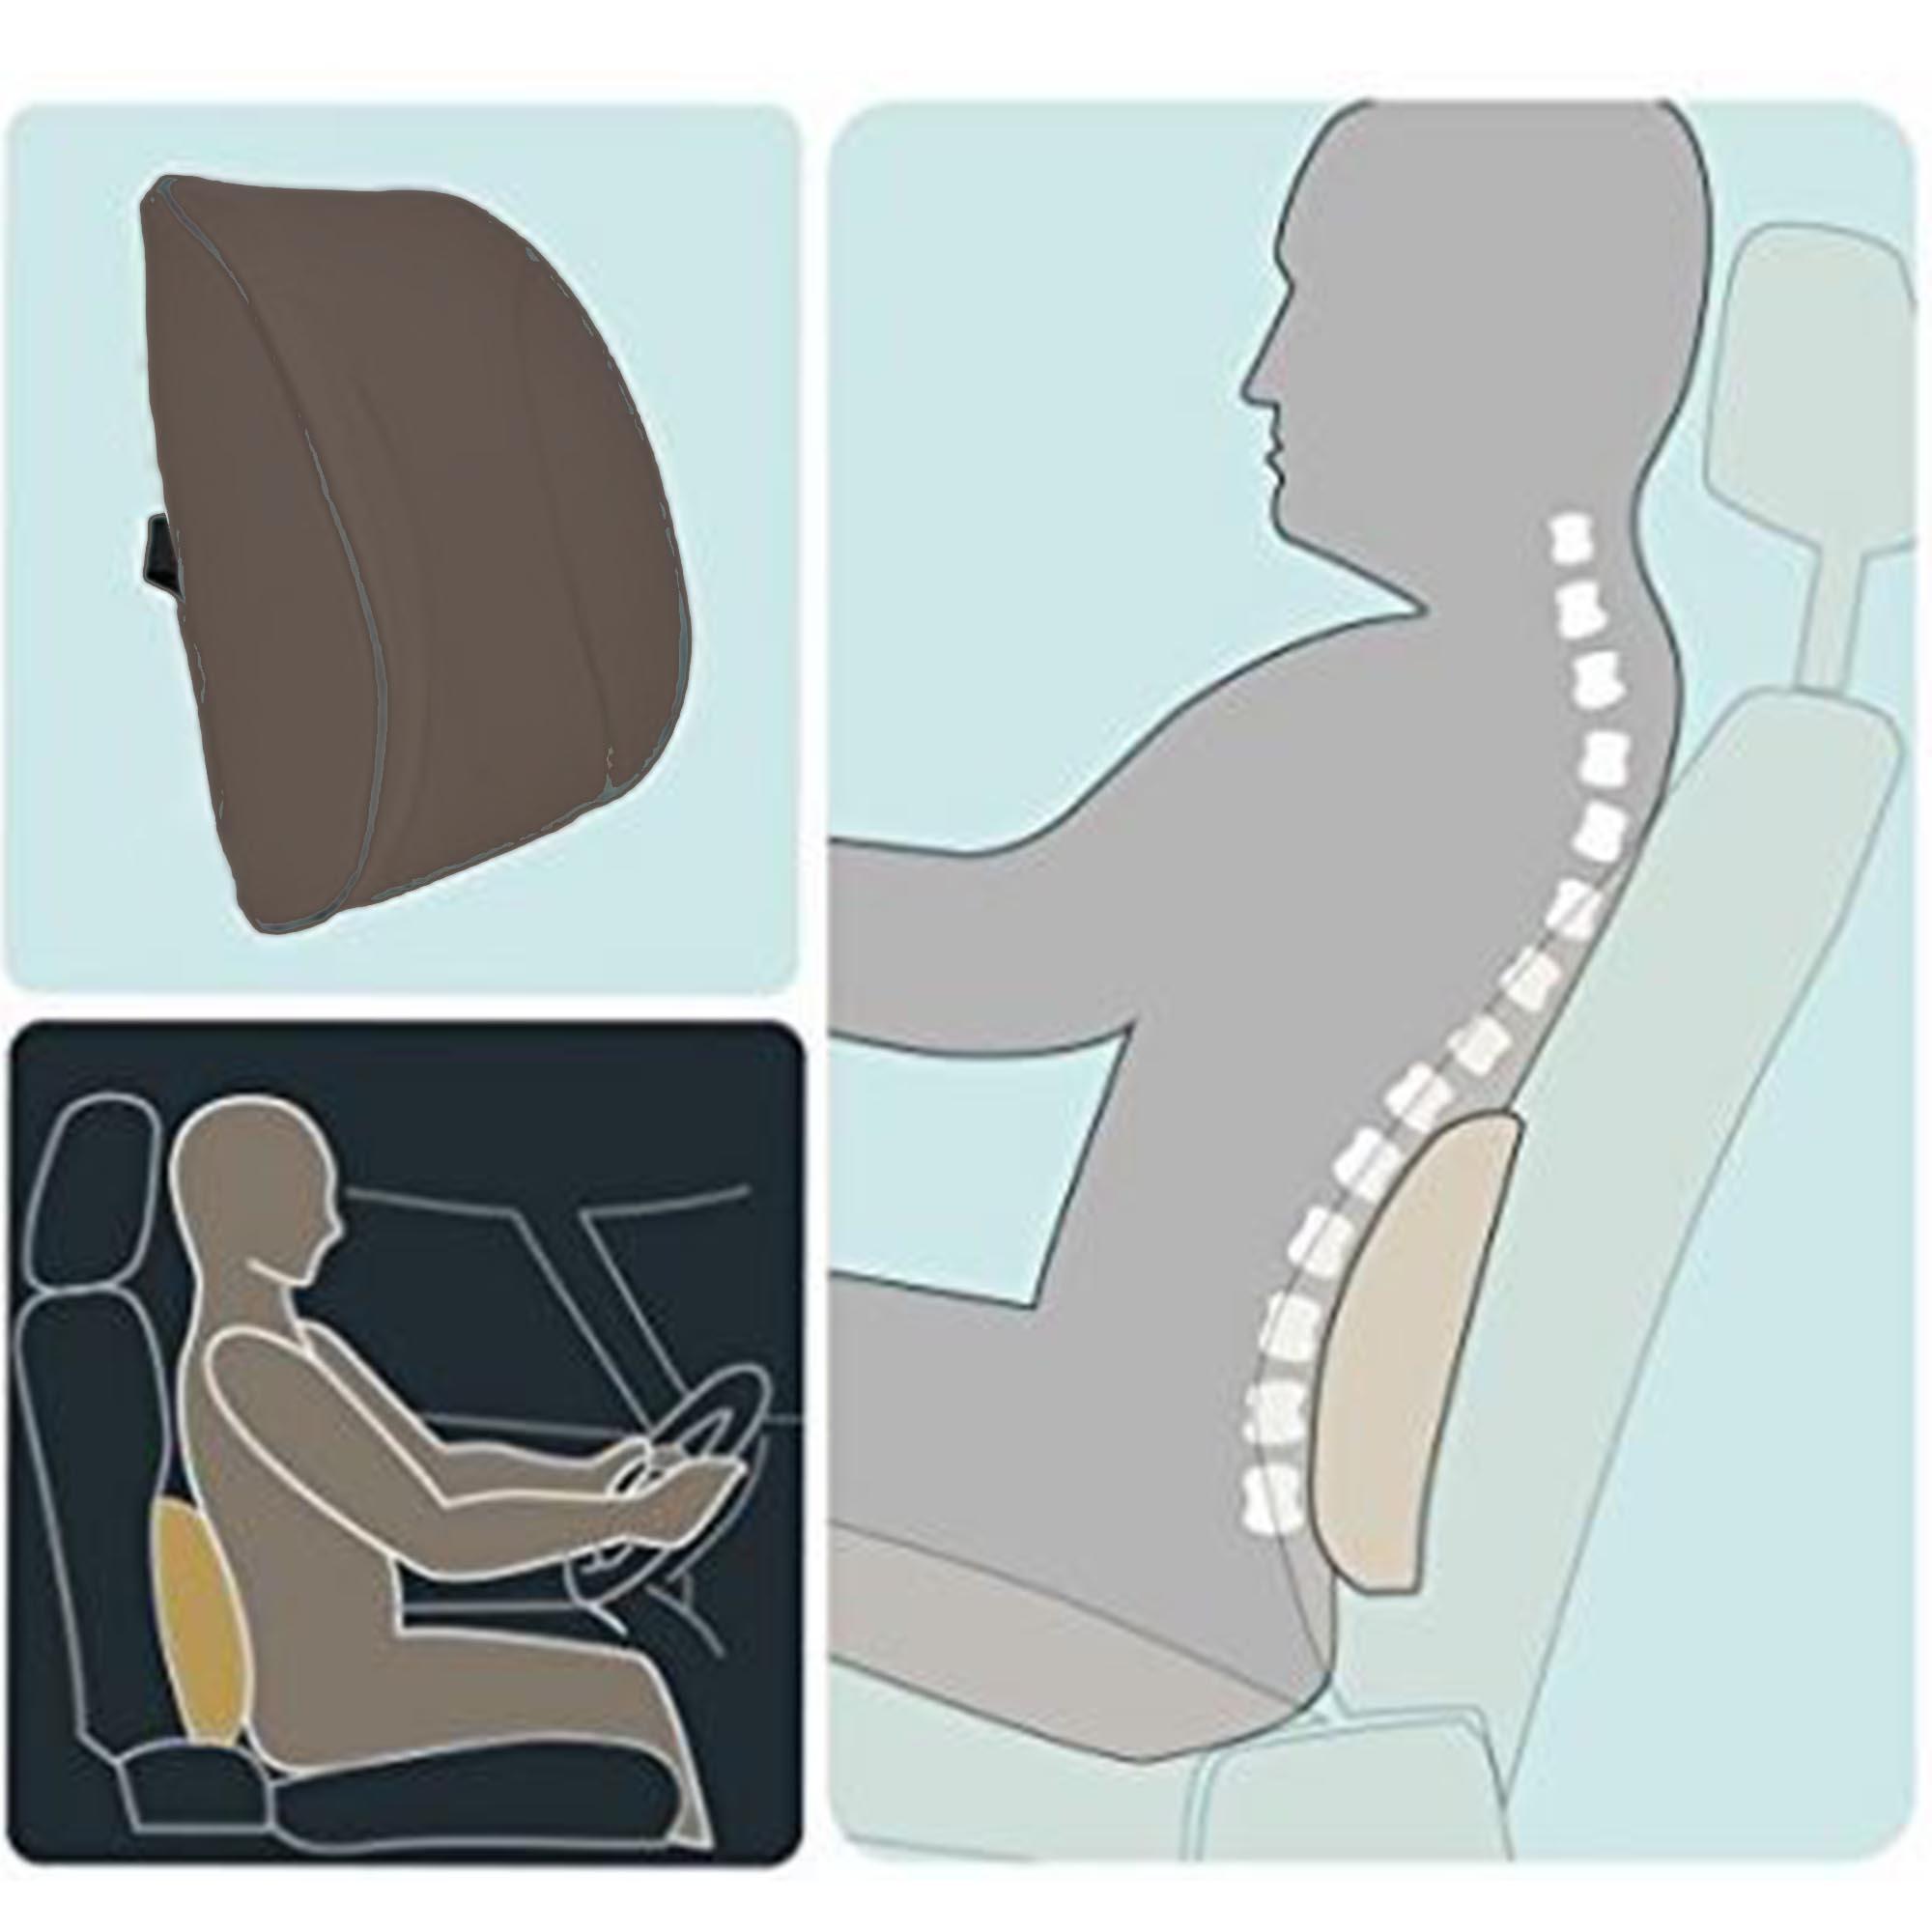 خرید پشتی طبی ویژه صندلی اداری و اتومبیل